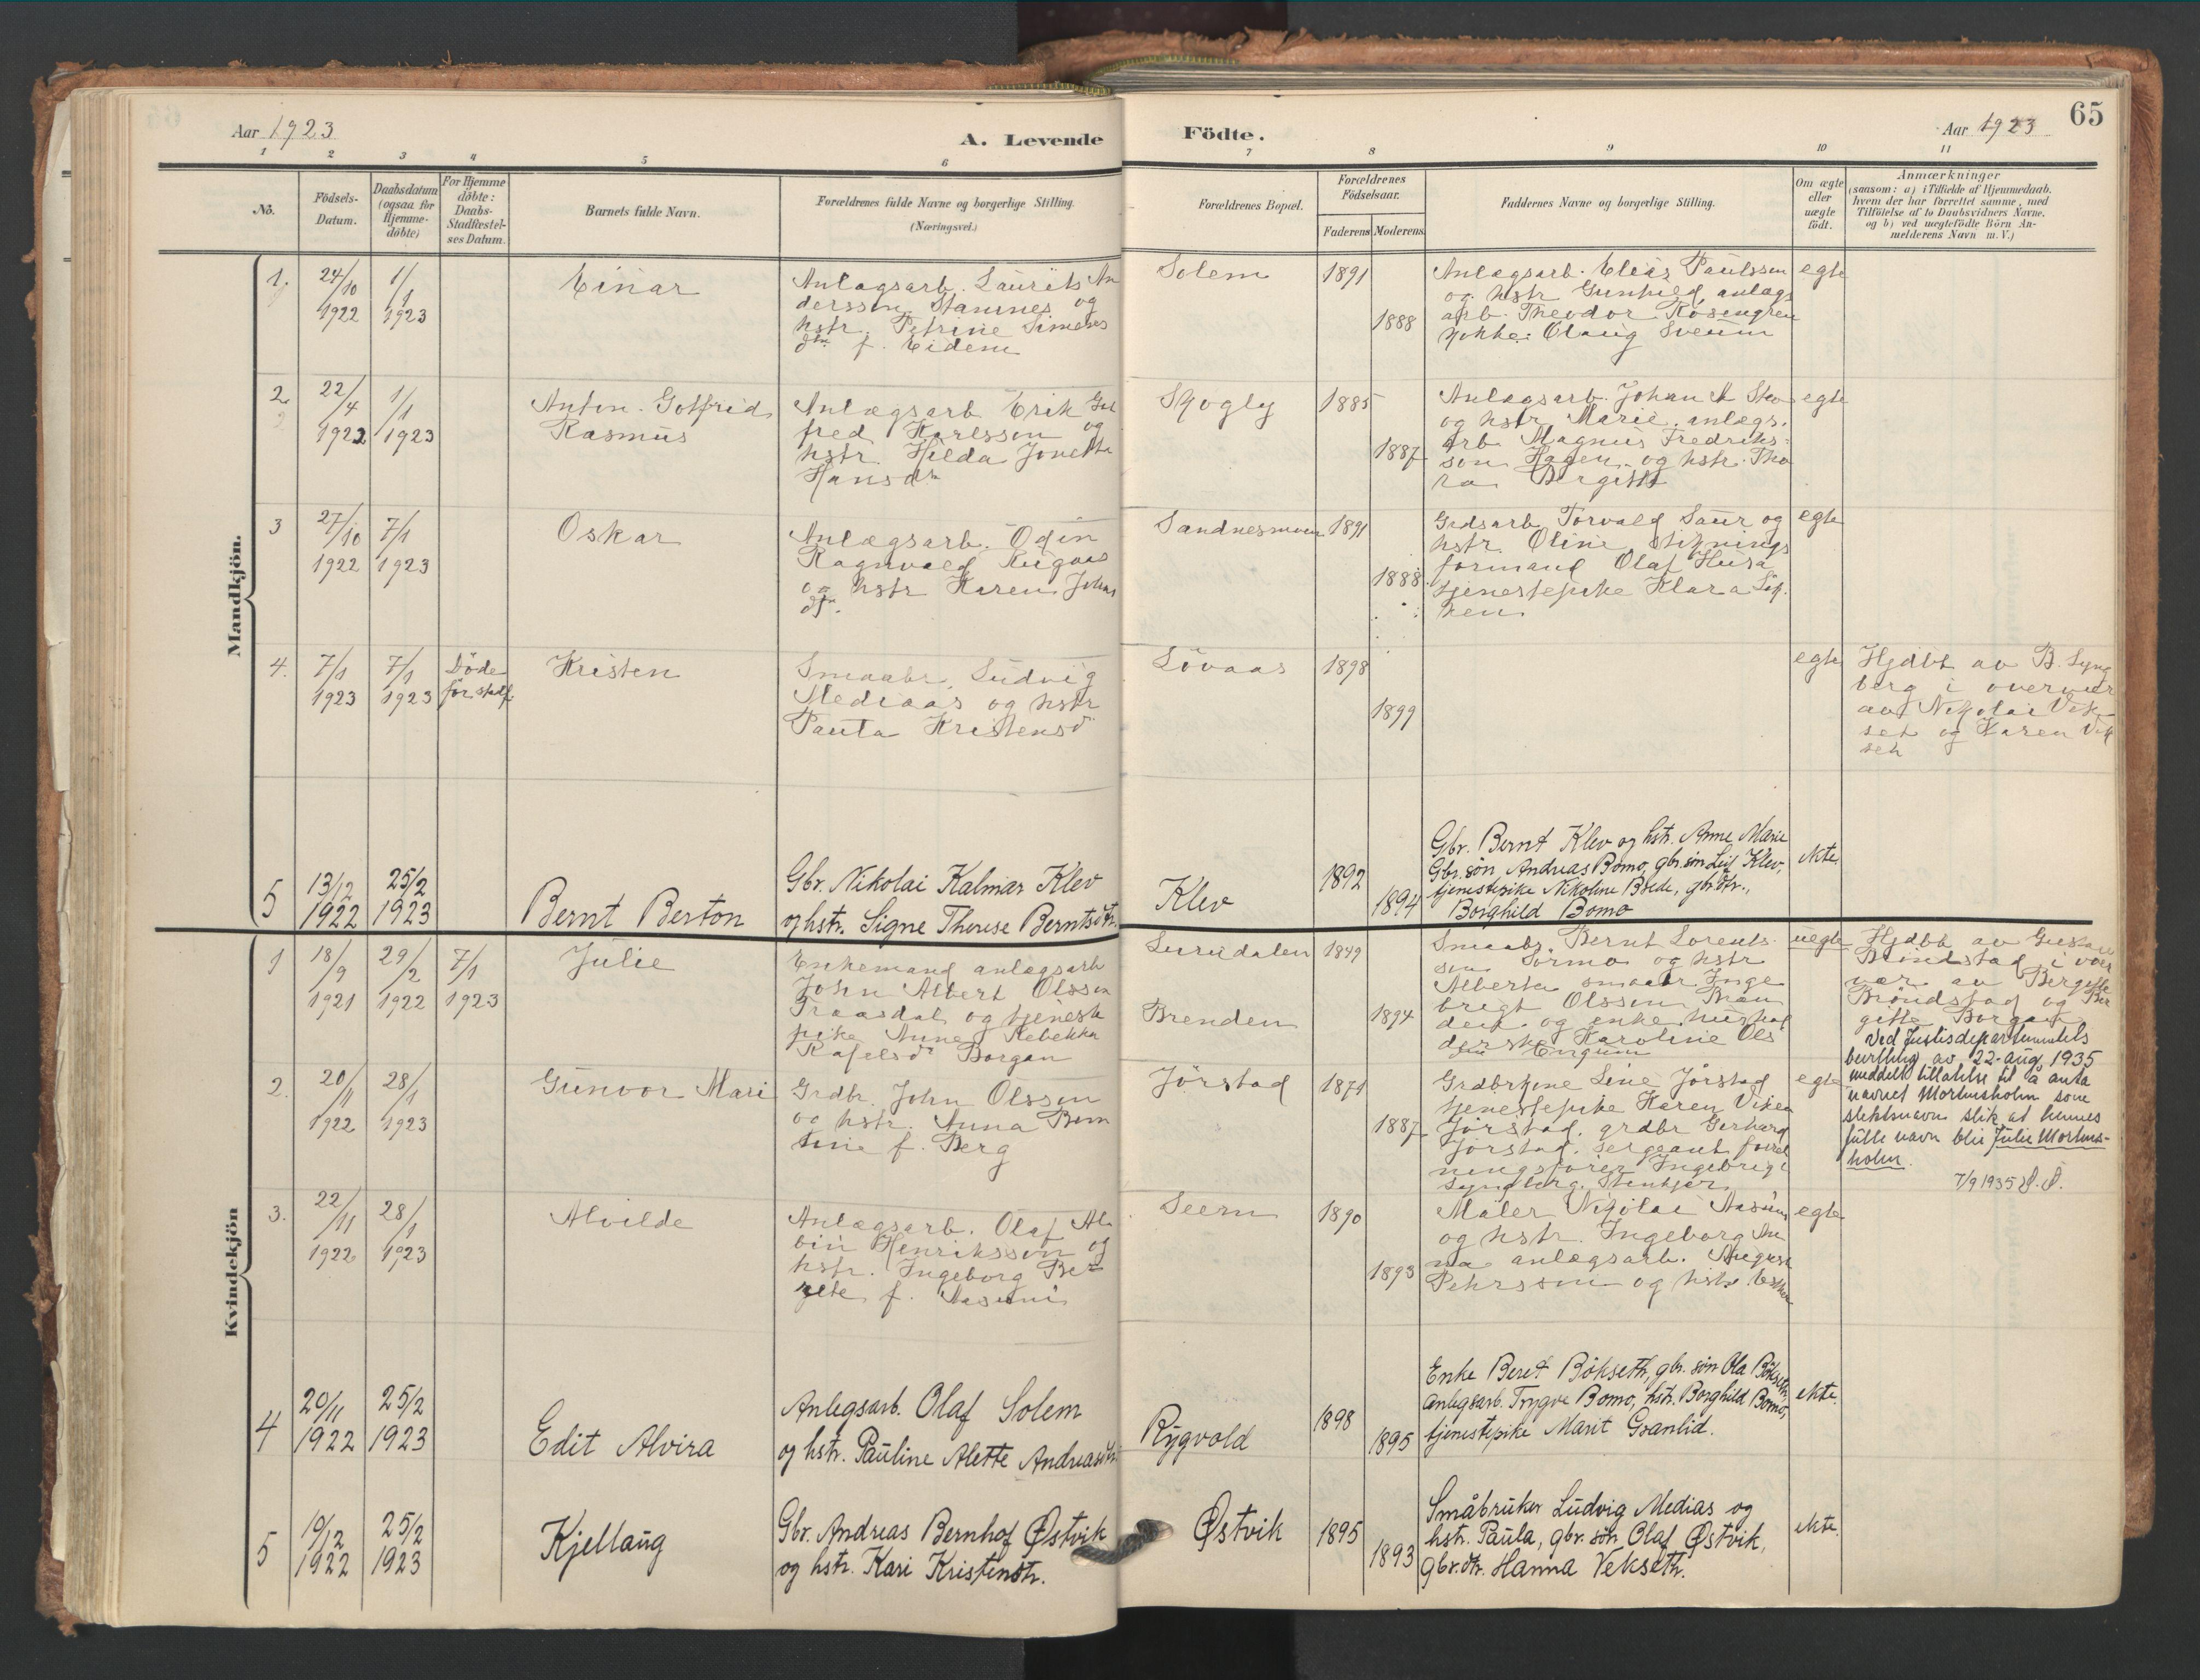 SAT, Ministerialprotokoller, klokkerbøker og fødselsregistre - Nord-Trøndelag, 749/L0477: Ministerialbok nr. 749A11, 1902-1927, s. 65